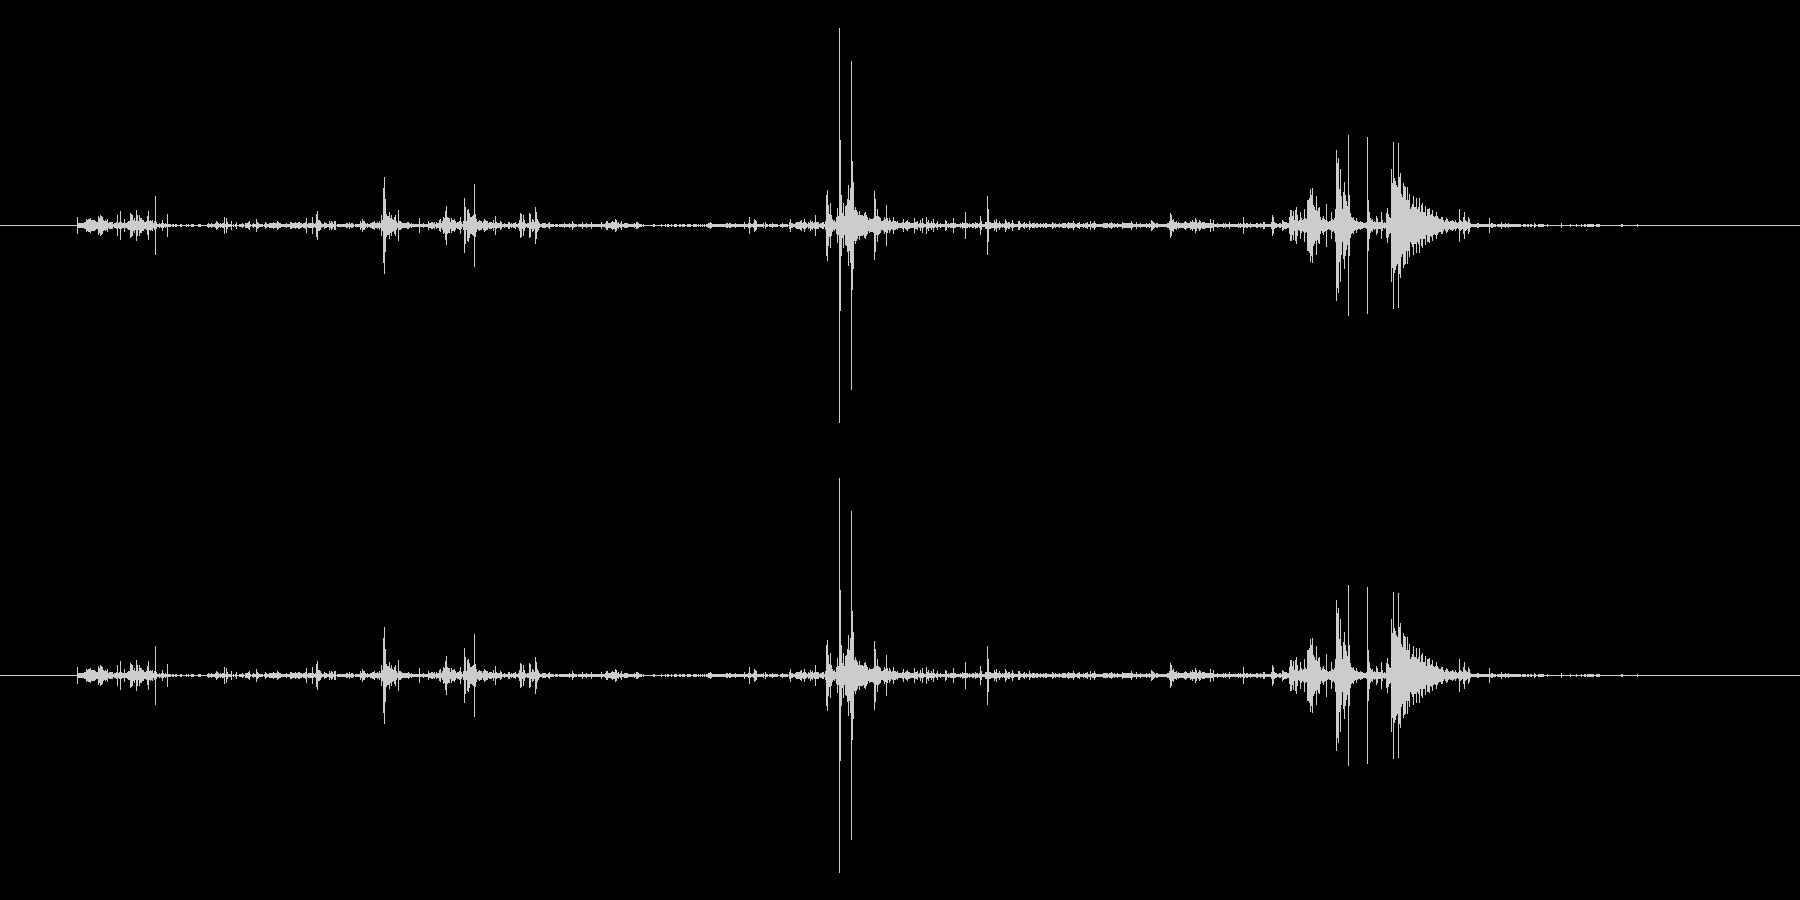 ベリッ/開封/ラップ包装の未再生の波形